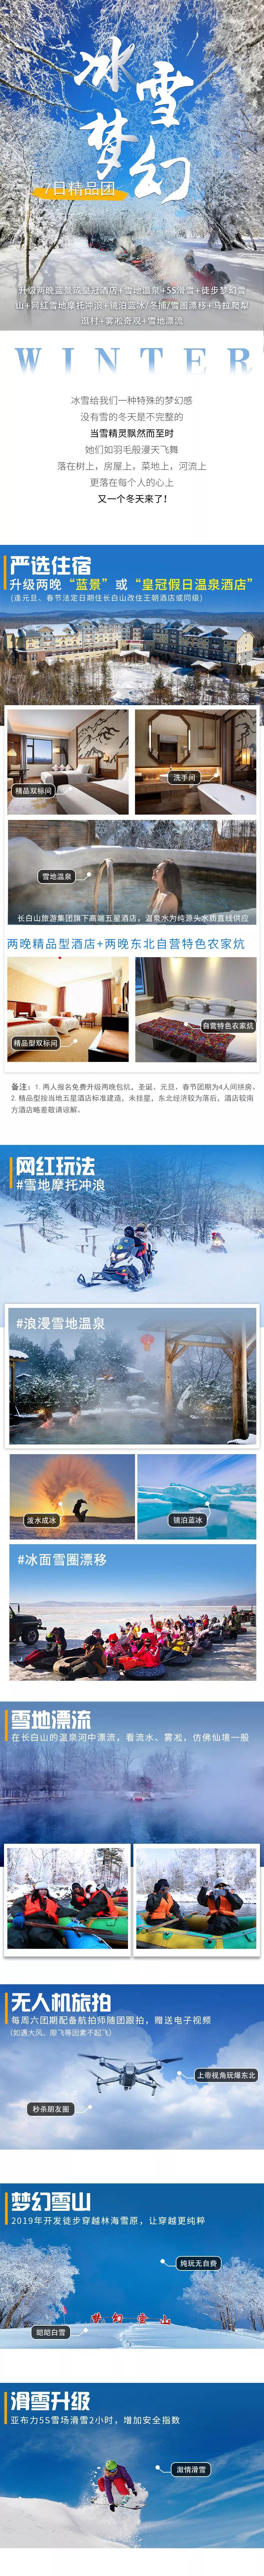 营地点评网-哈尔滨7天6晚亲子游 (2)